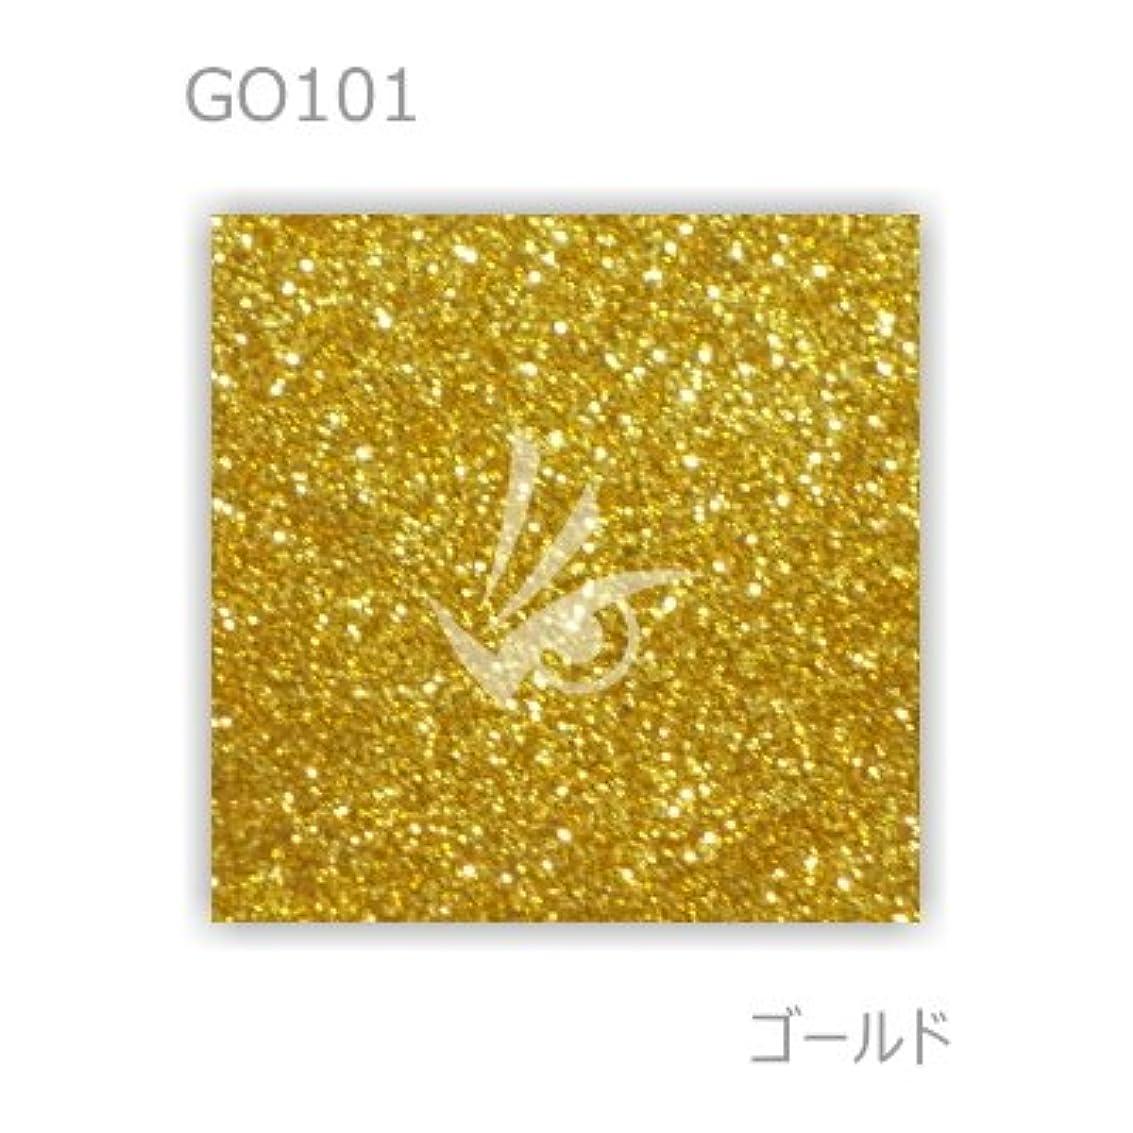 崇拝する夫婦平野業務用 グリッター ラメパウダー ホログラム (ゴールド) (500g) (0.2mm)